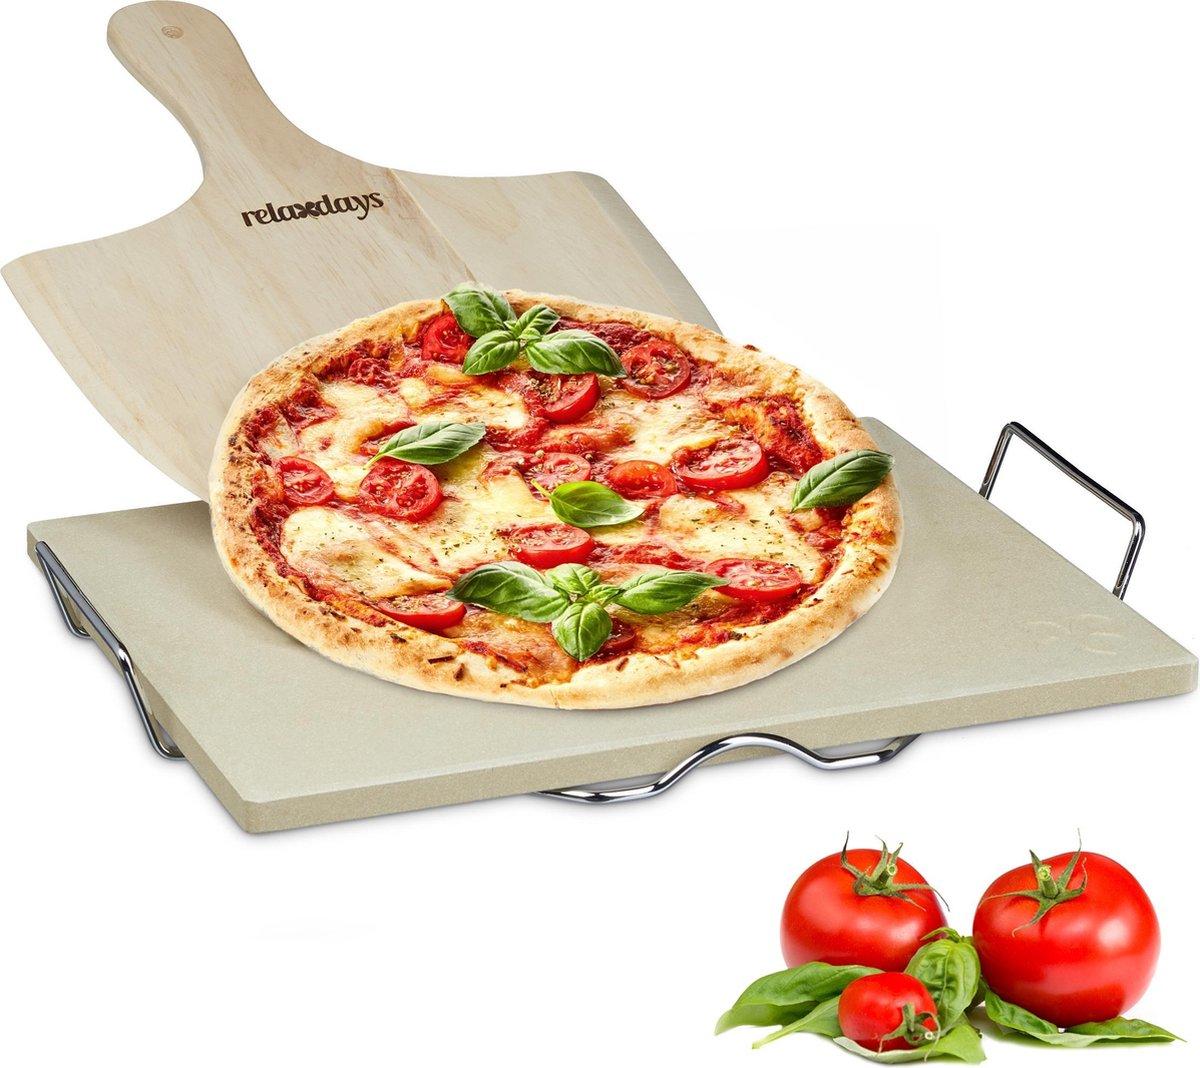 relaxdays pizzasteen set met schep, 1,5 cm dik, rechthoekig, pizza steen houder